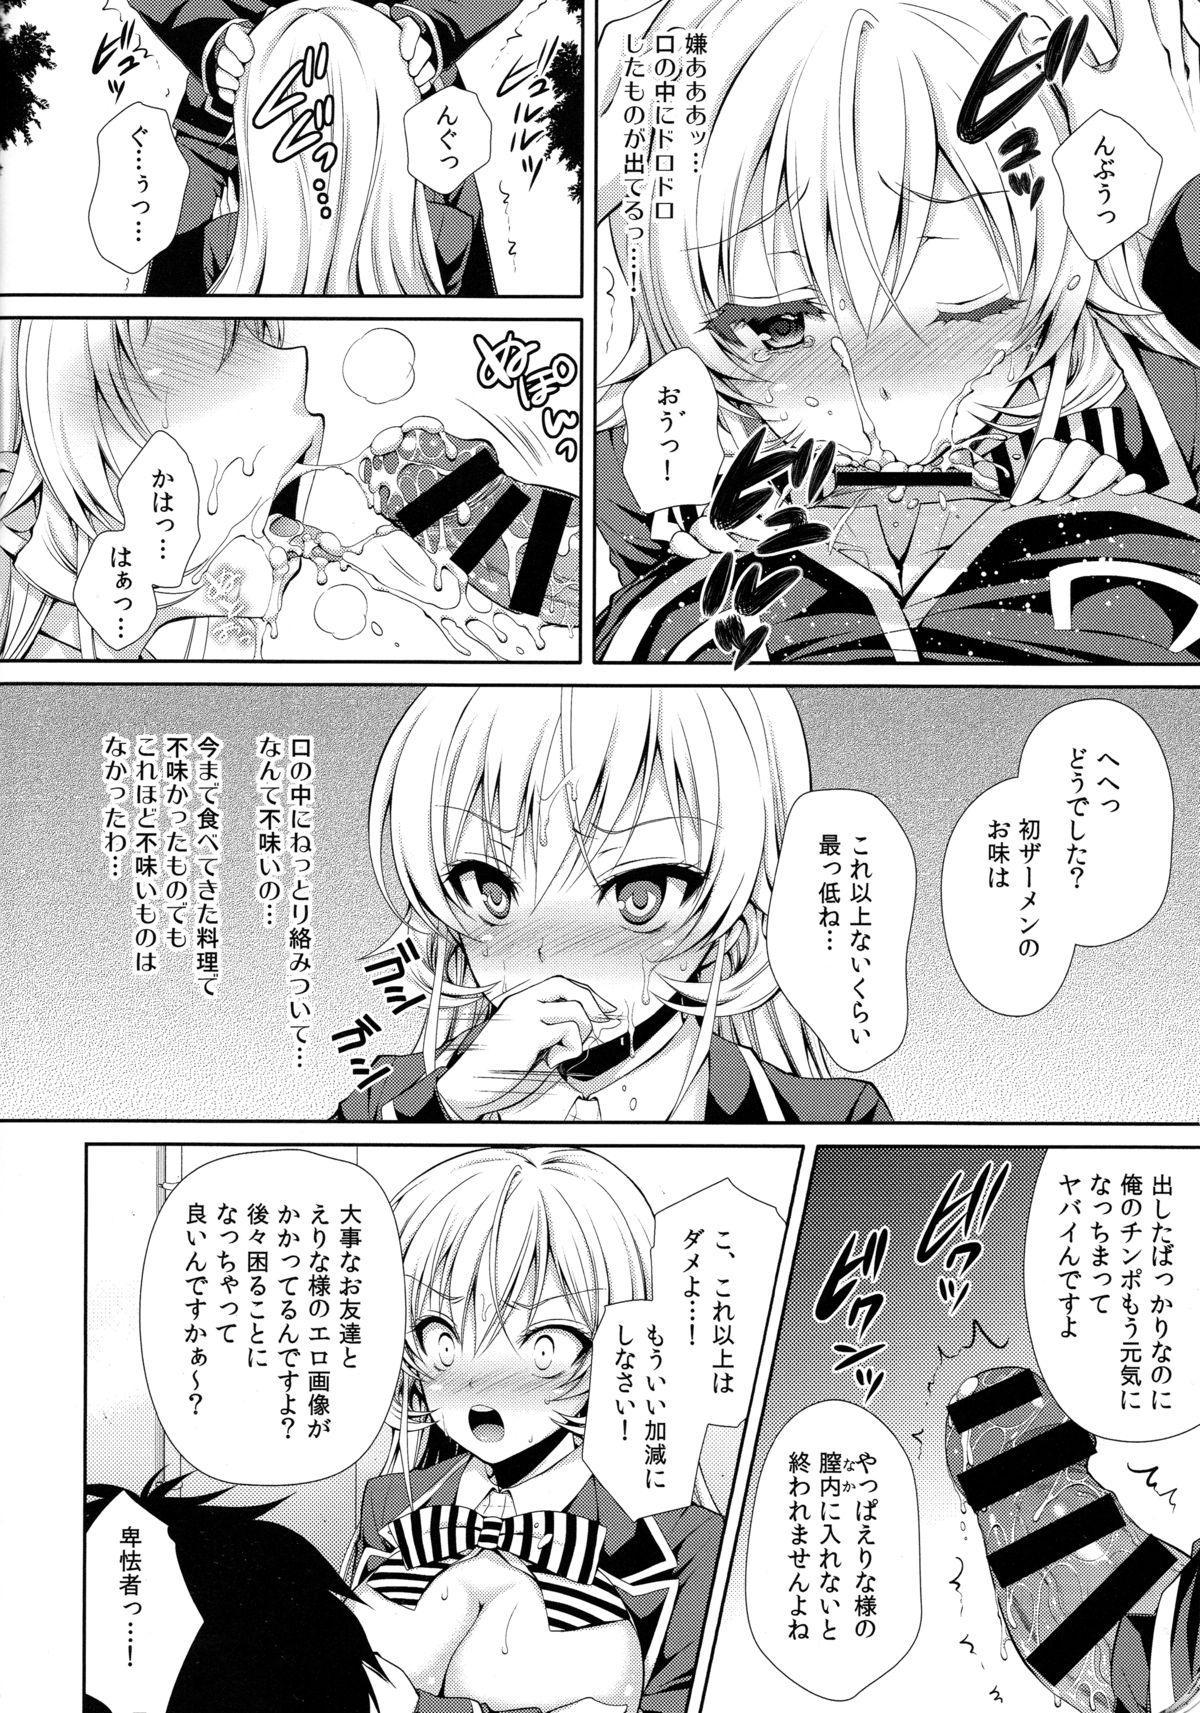 Erina-sama wa Ore no Seidorei 16